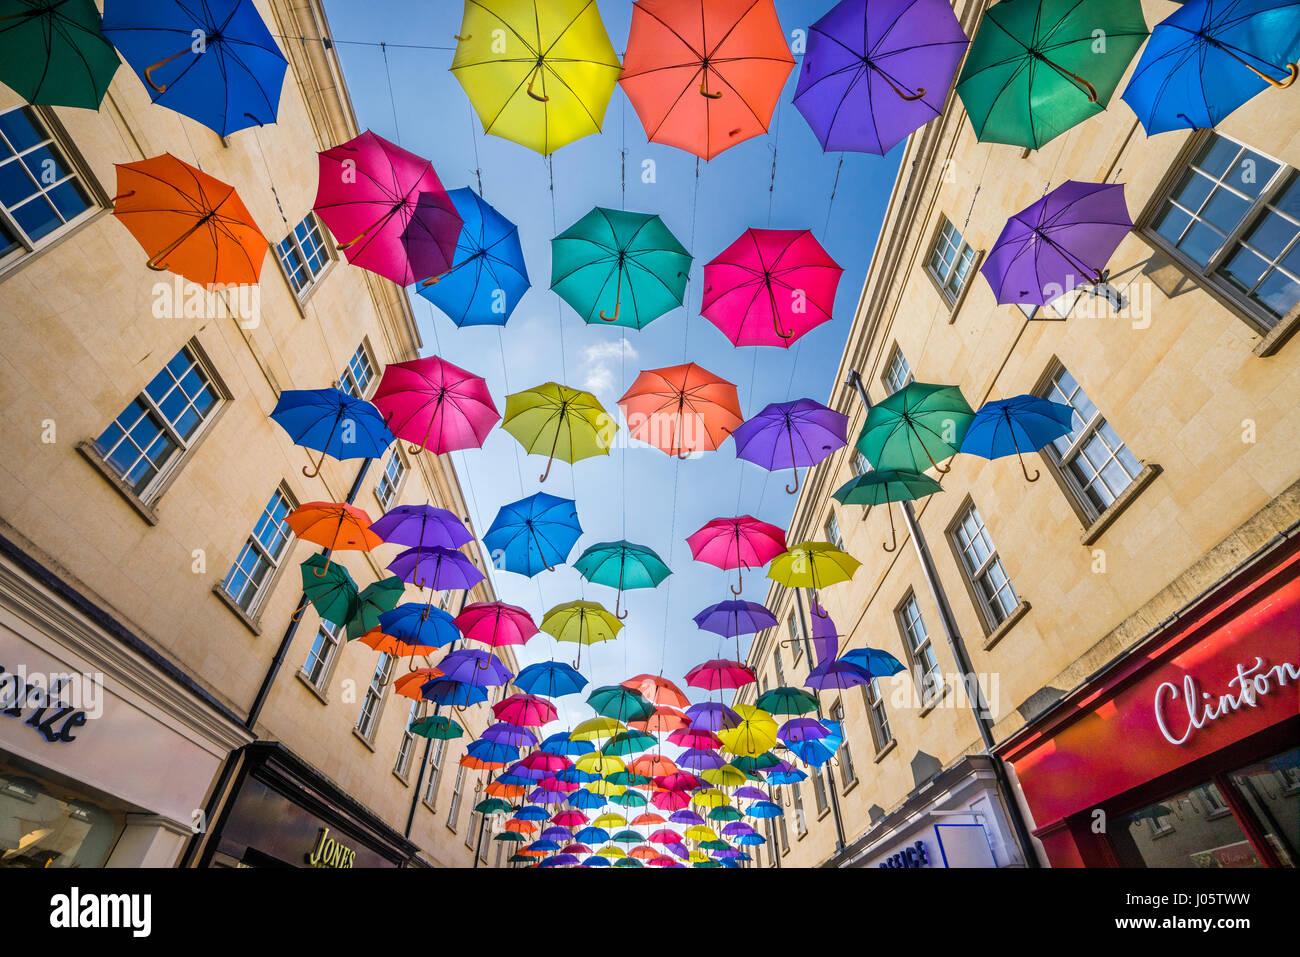 Vereinigtes Königreich, Somerset, Bad, SouthGate, Einkaufszentrum, Hunderte von suspendierten bunte Sonnenschirme Stockbild